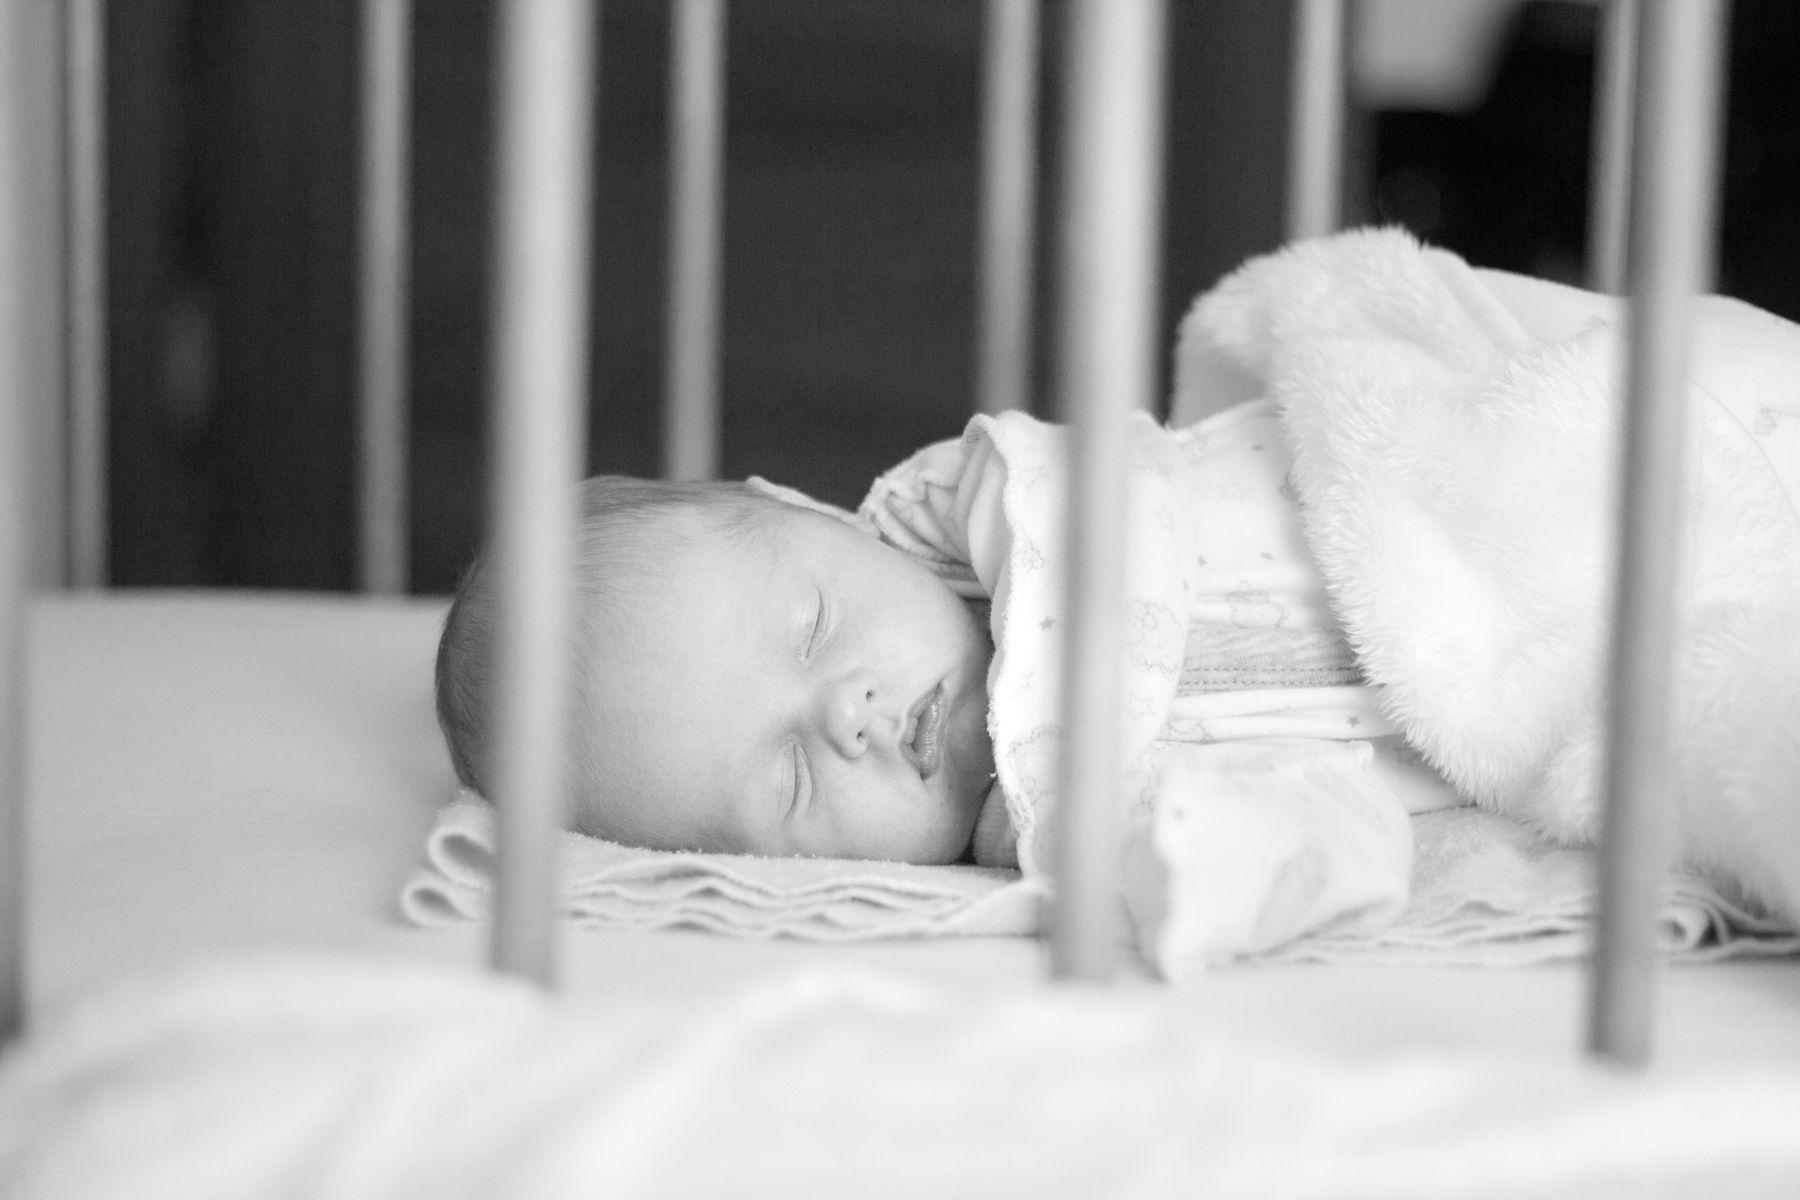 сладкий сон новорожденный младенец сладкий сон в кроватке ребенок